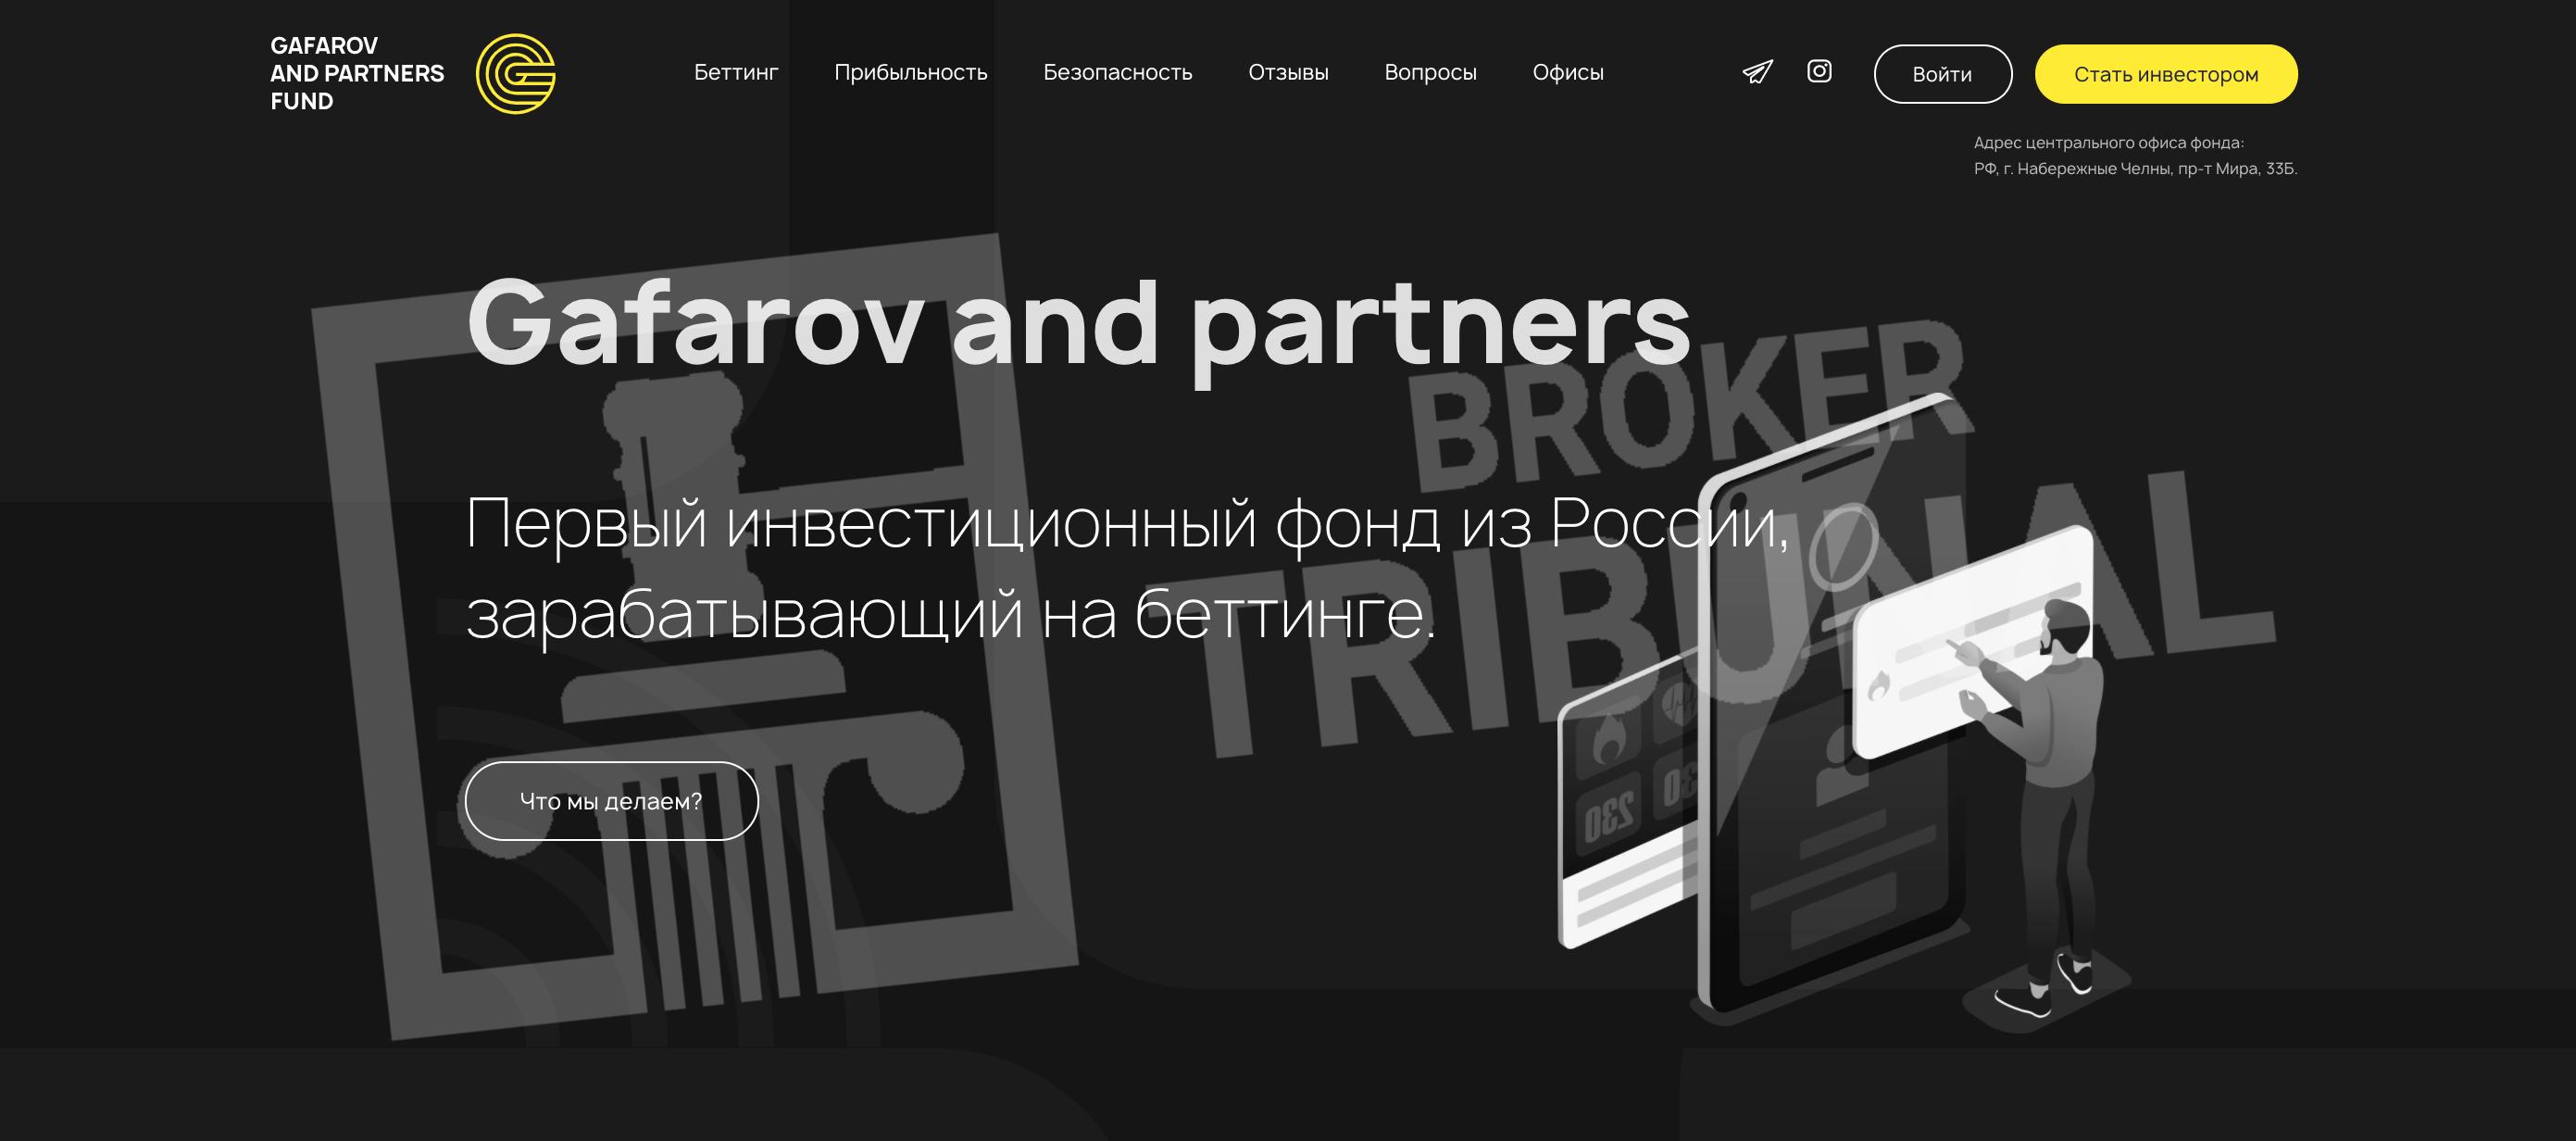 Гафаров и партнеры: реальное кидалово на ставках